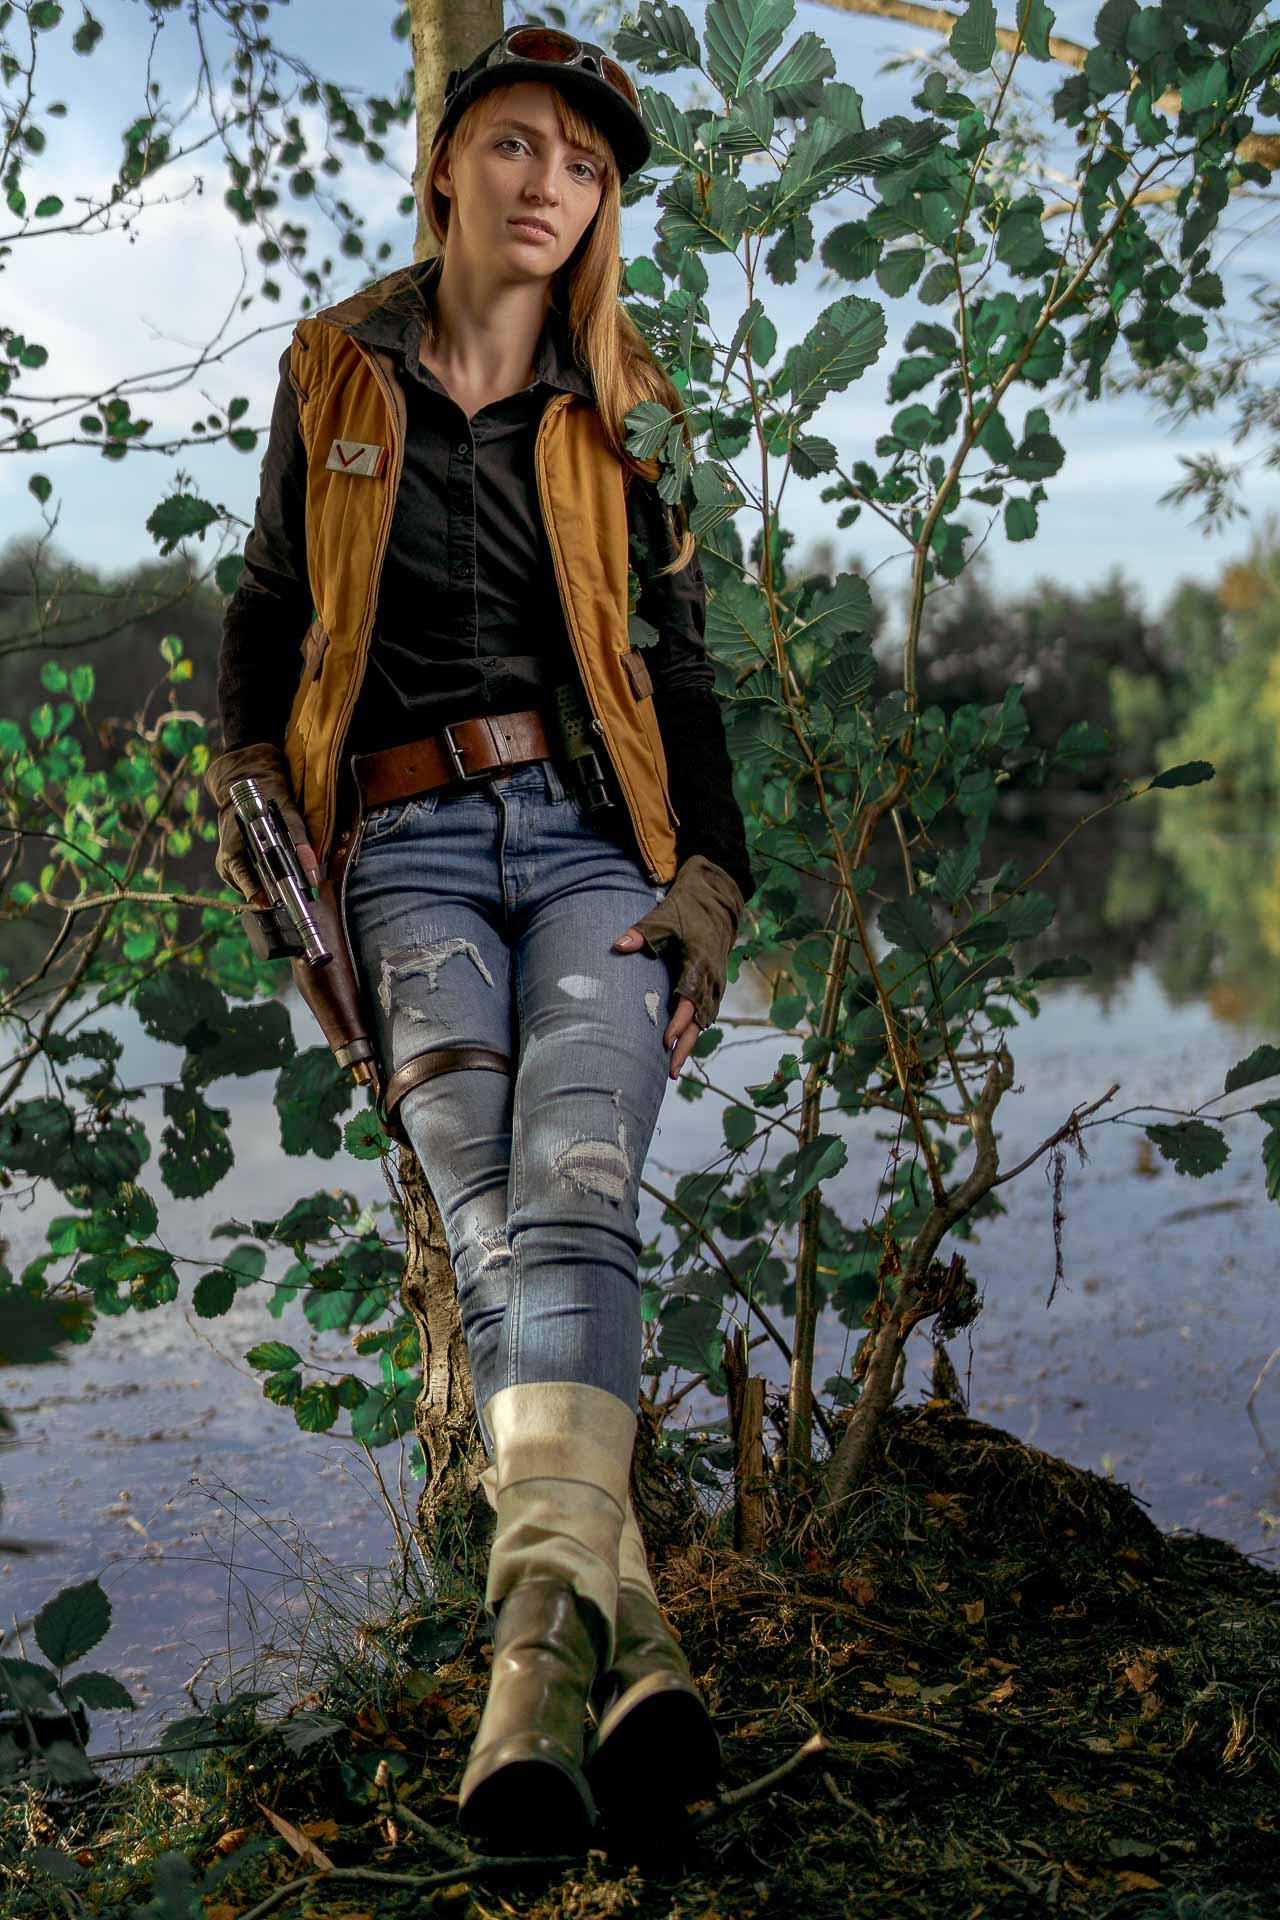 Marischka am Baum lehnend